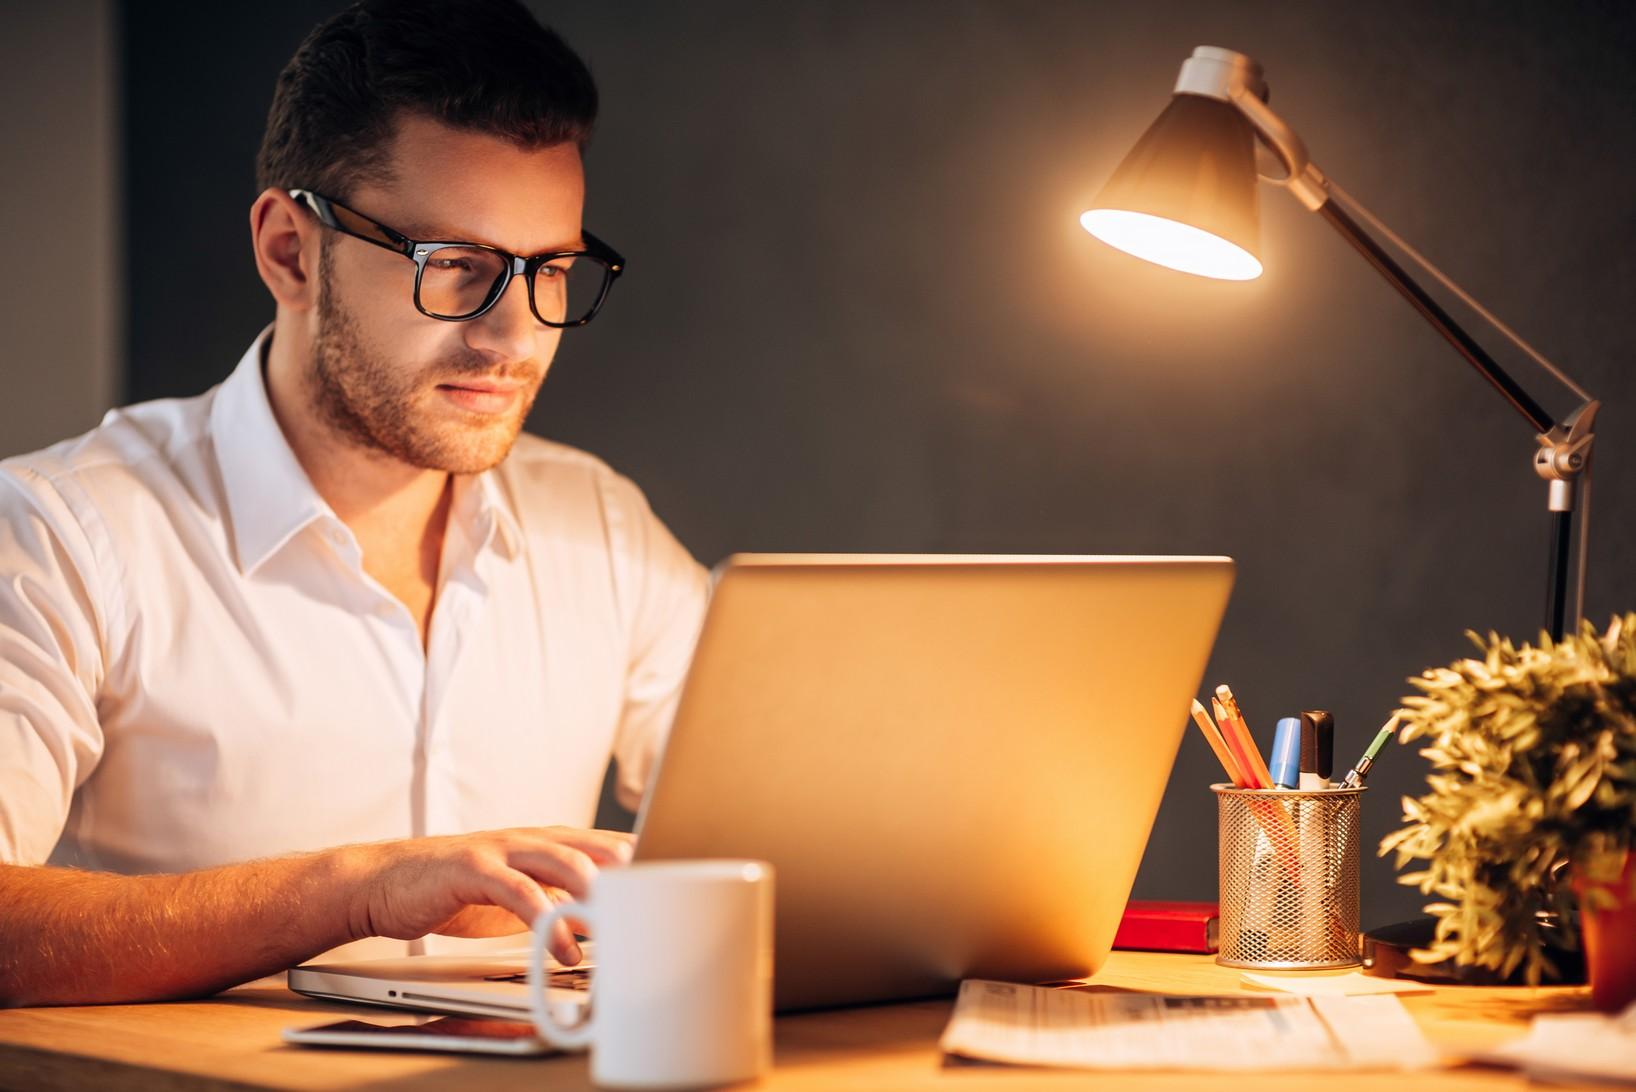 Beleuchtung am Arbeitsplatz – für ausreichend Tageslicht sorgen